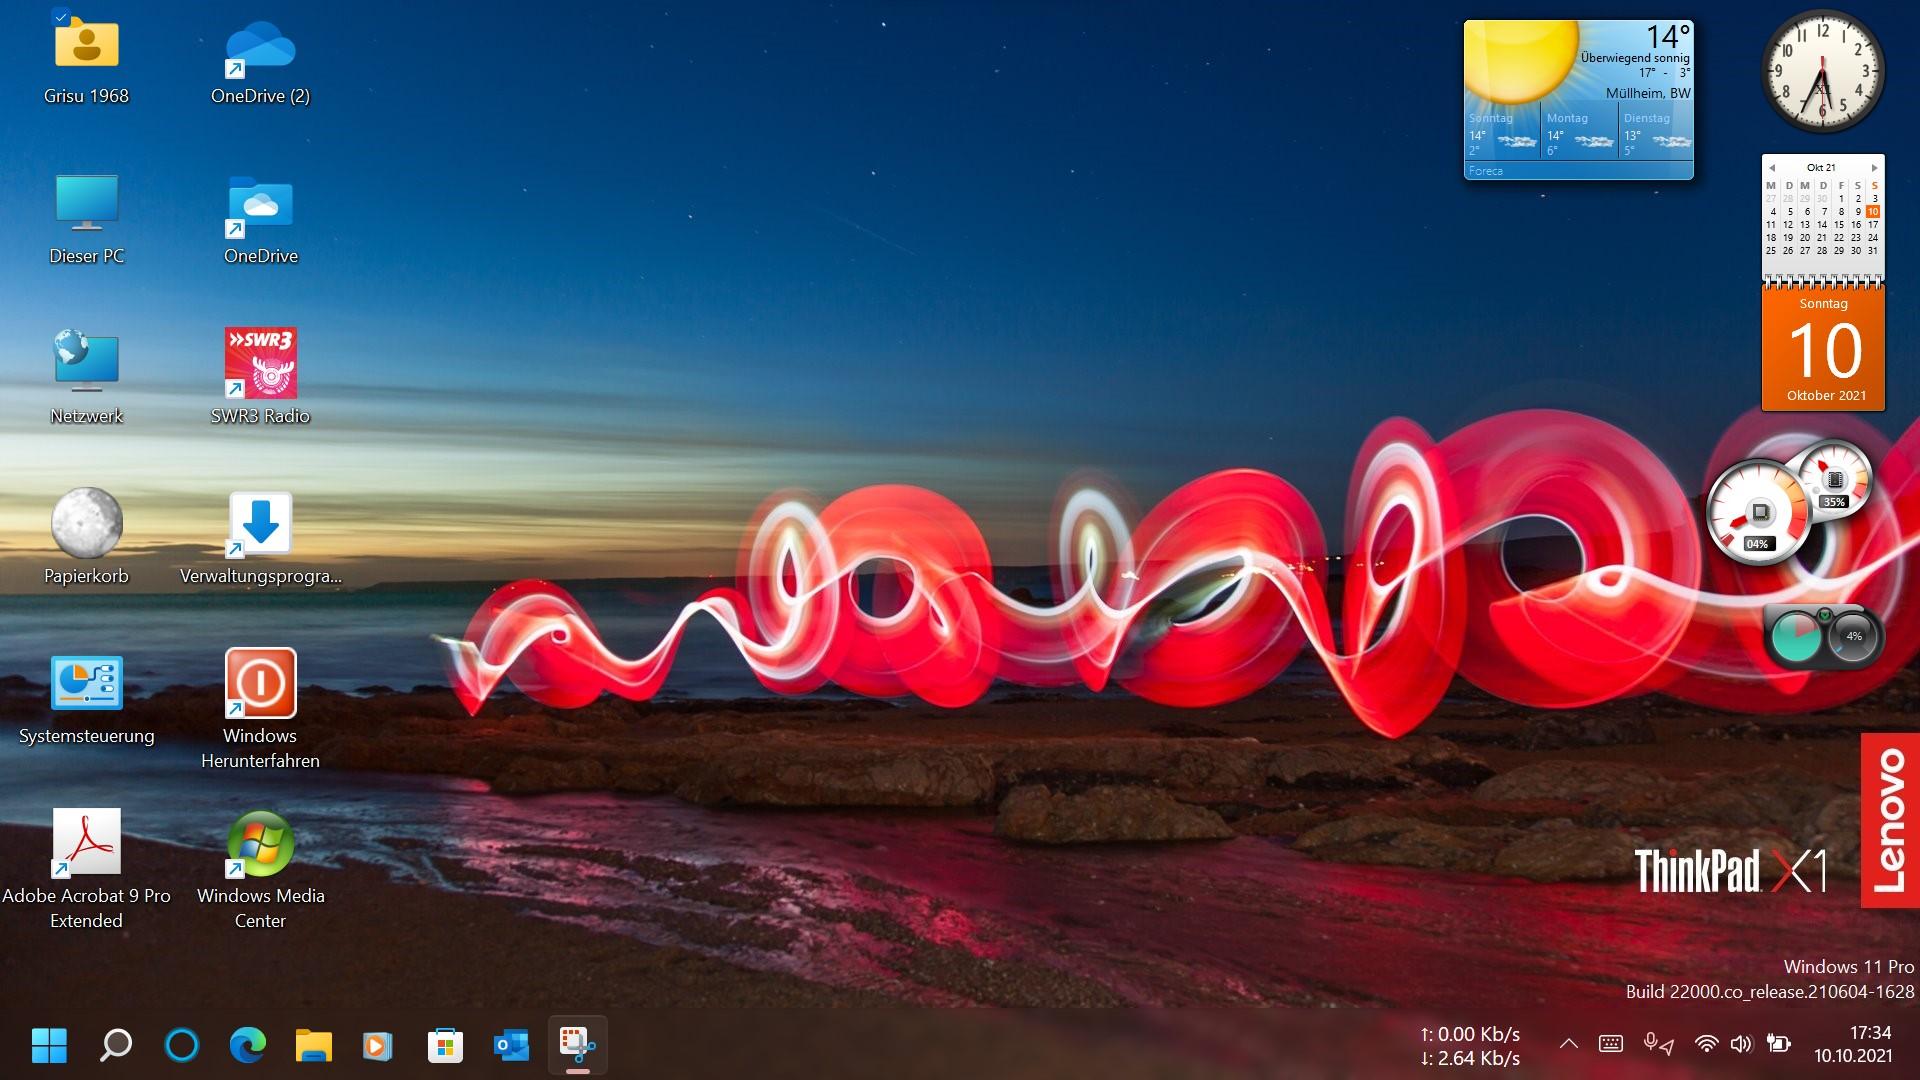 Screenshot 2021-10-10 173441.jpg